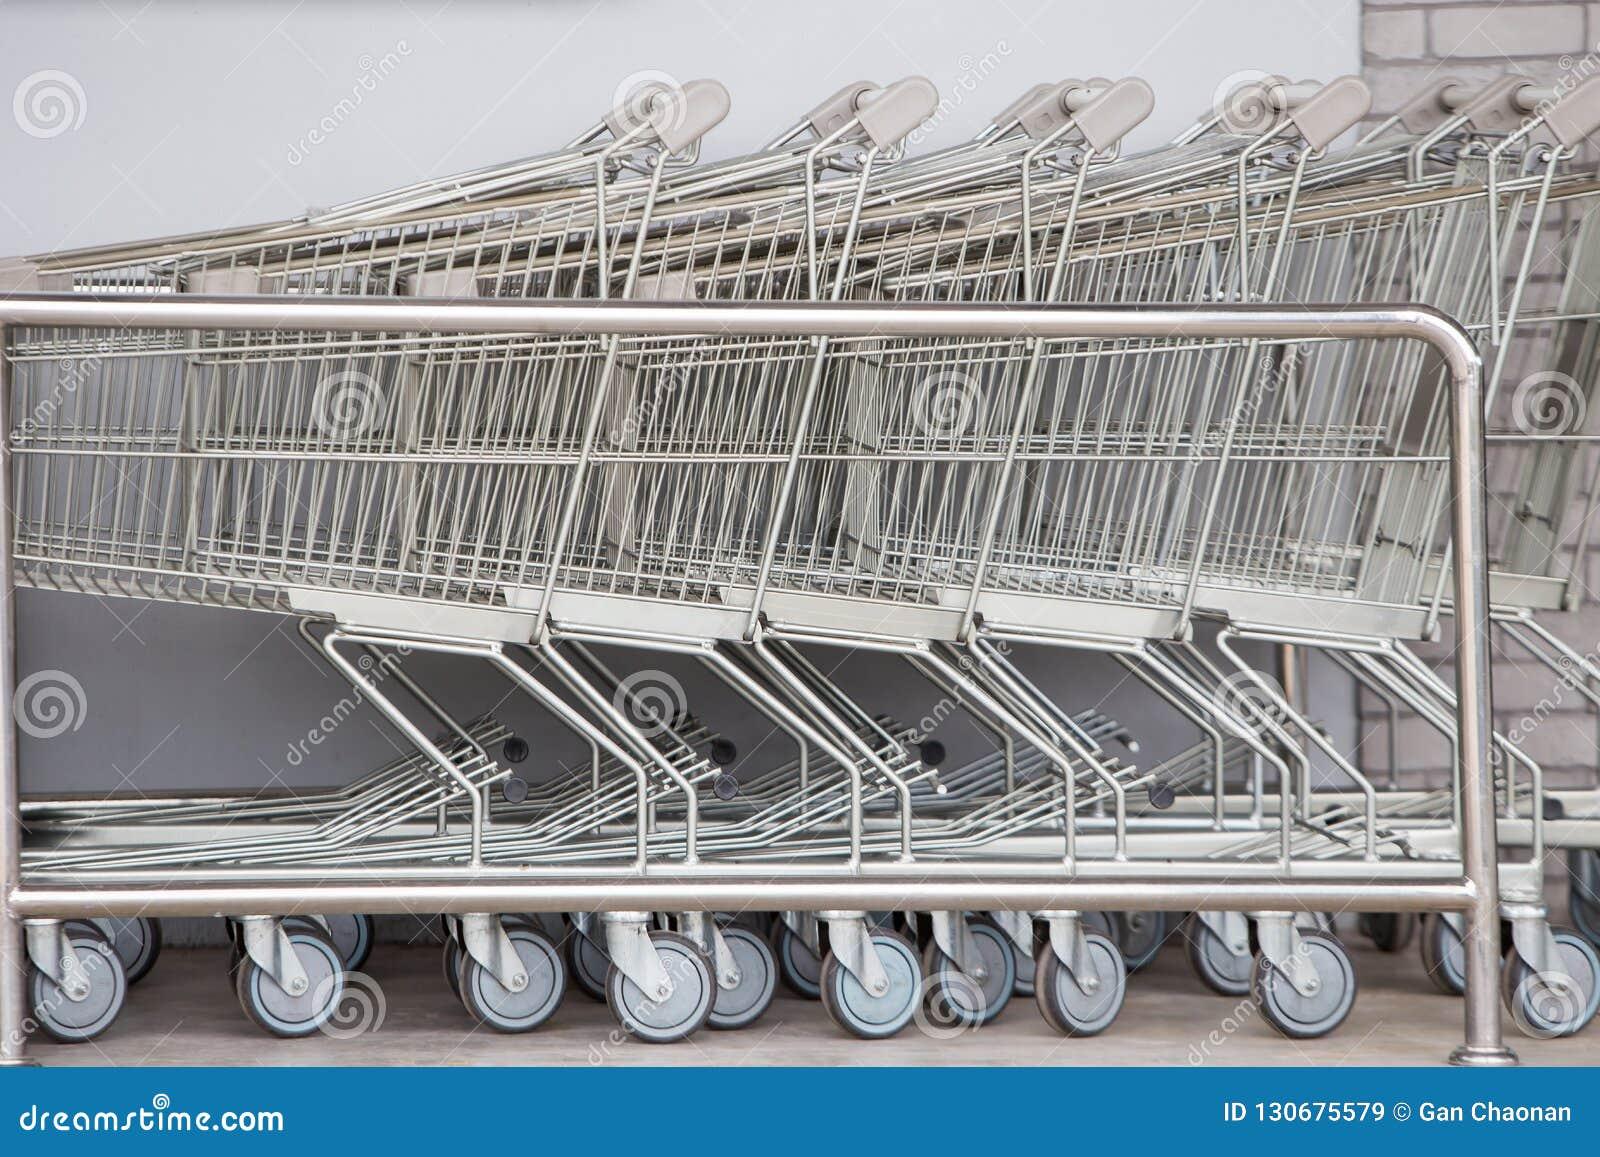 Boodschappenwagentjes, Boodschappenwagentjekarretje in rij kleinhandelswarenhuis,